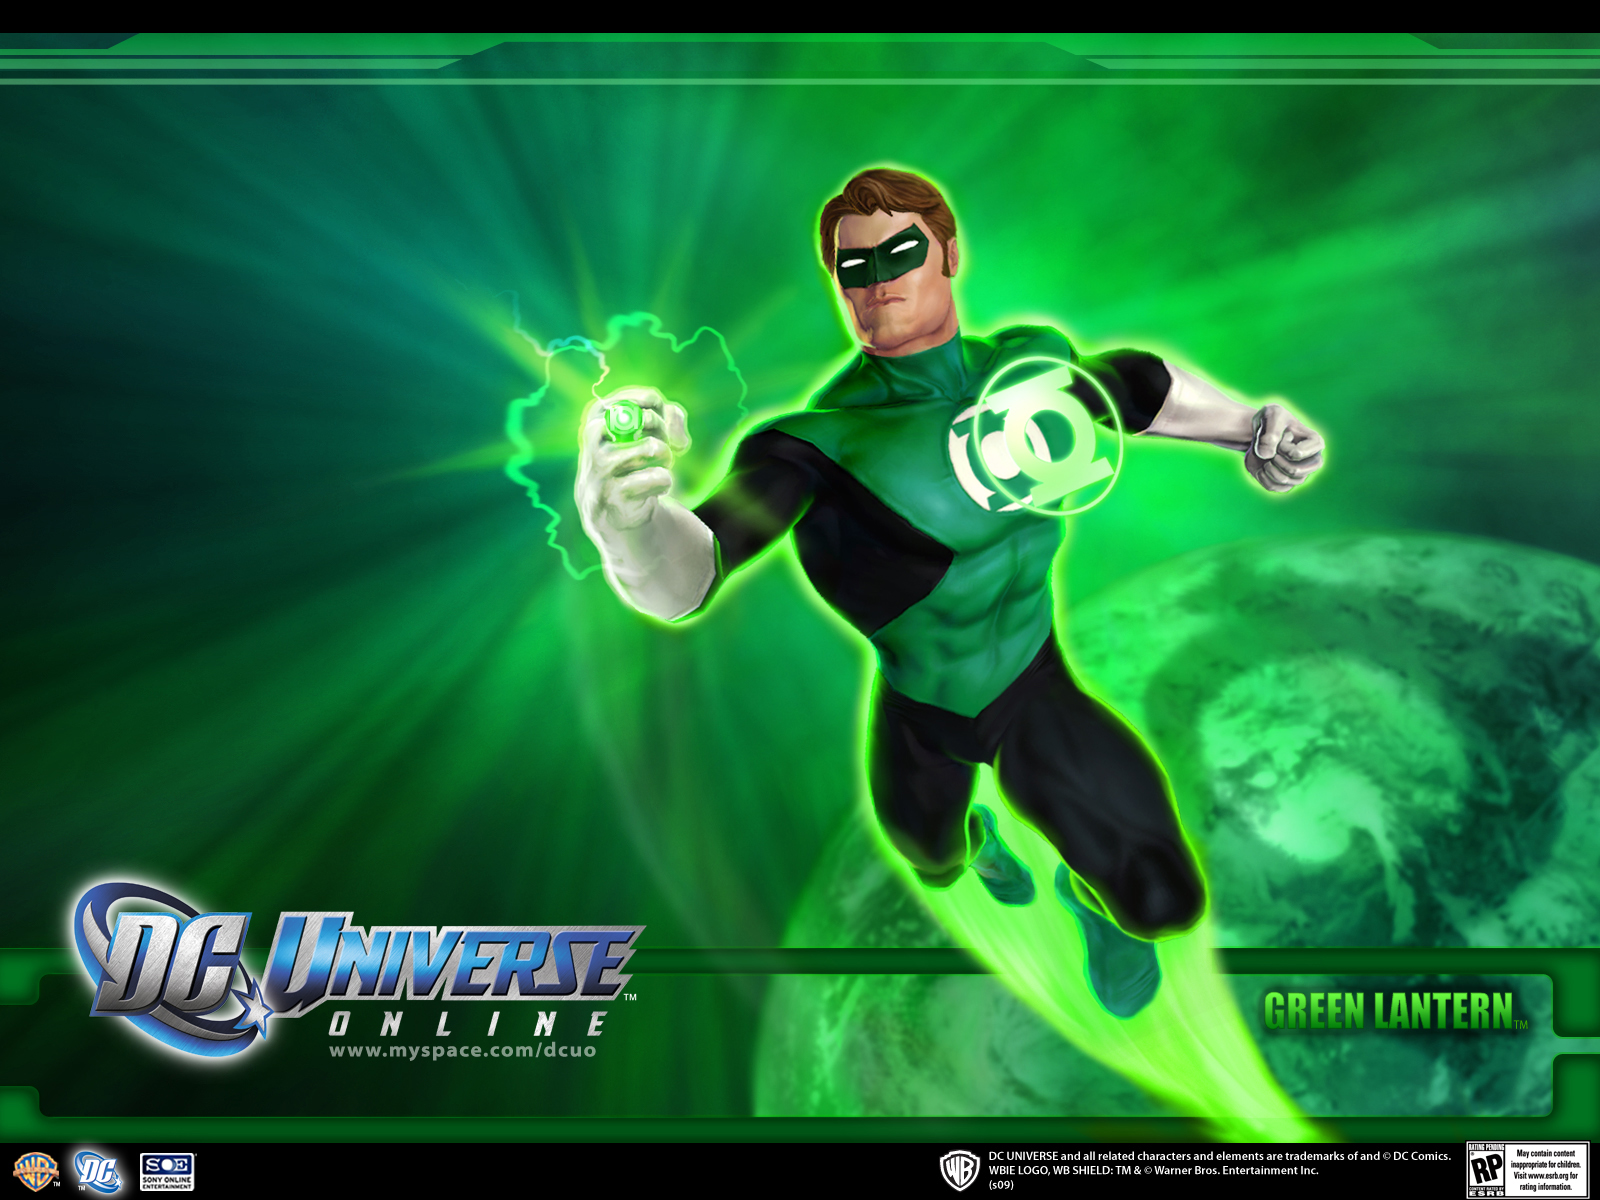 Lantern   Superhero Games Wallpaper Image featuring Dc Universe Online 1600x1200